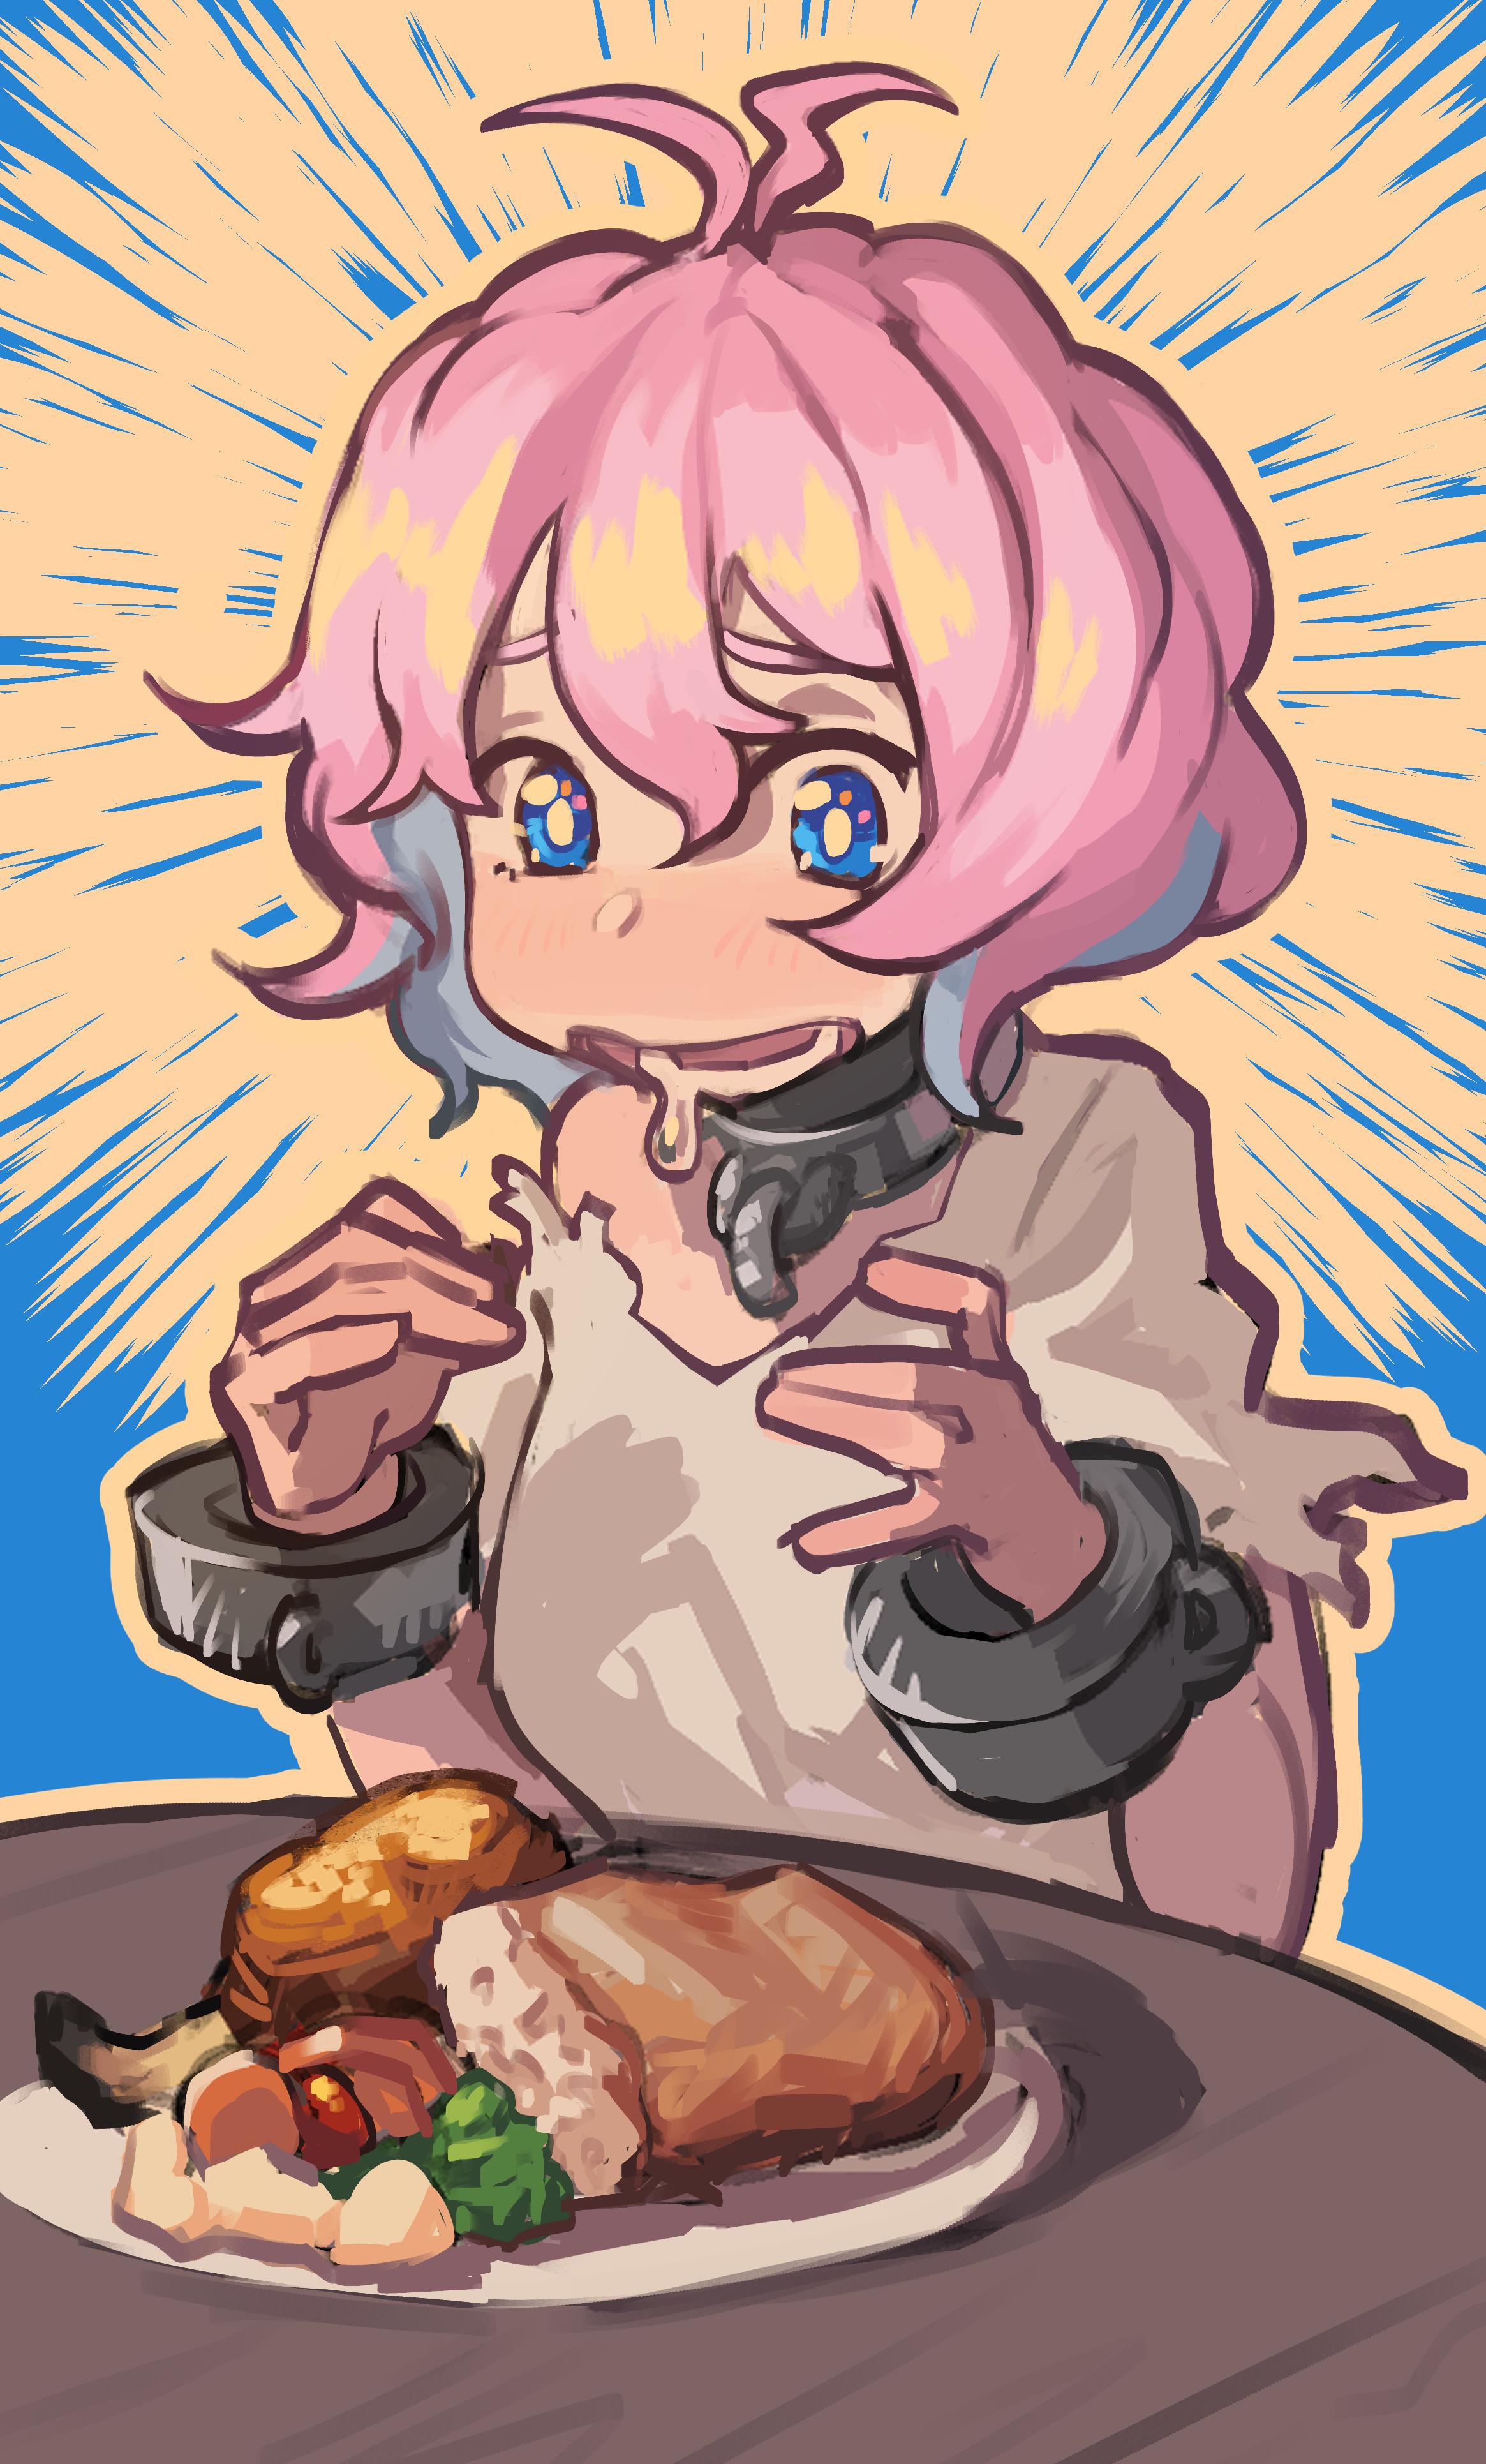 Hobo getting food